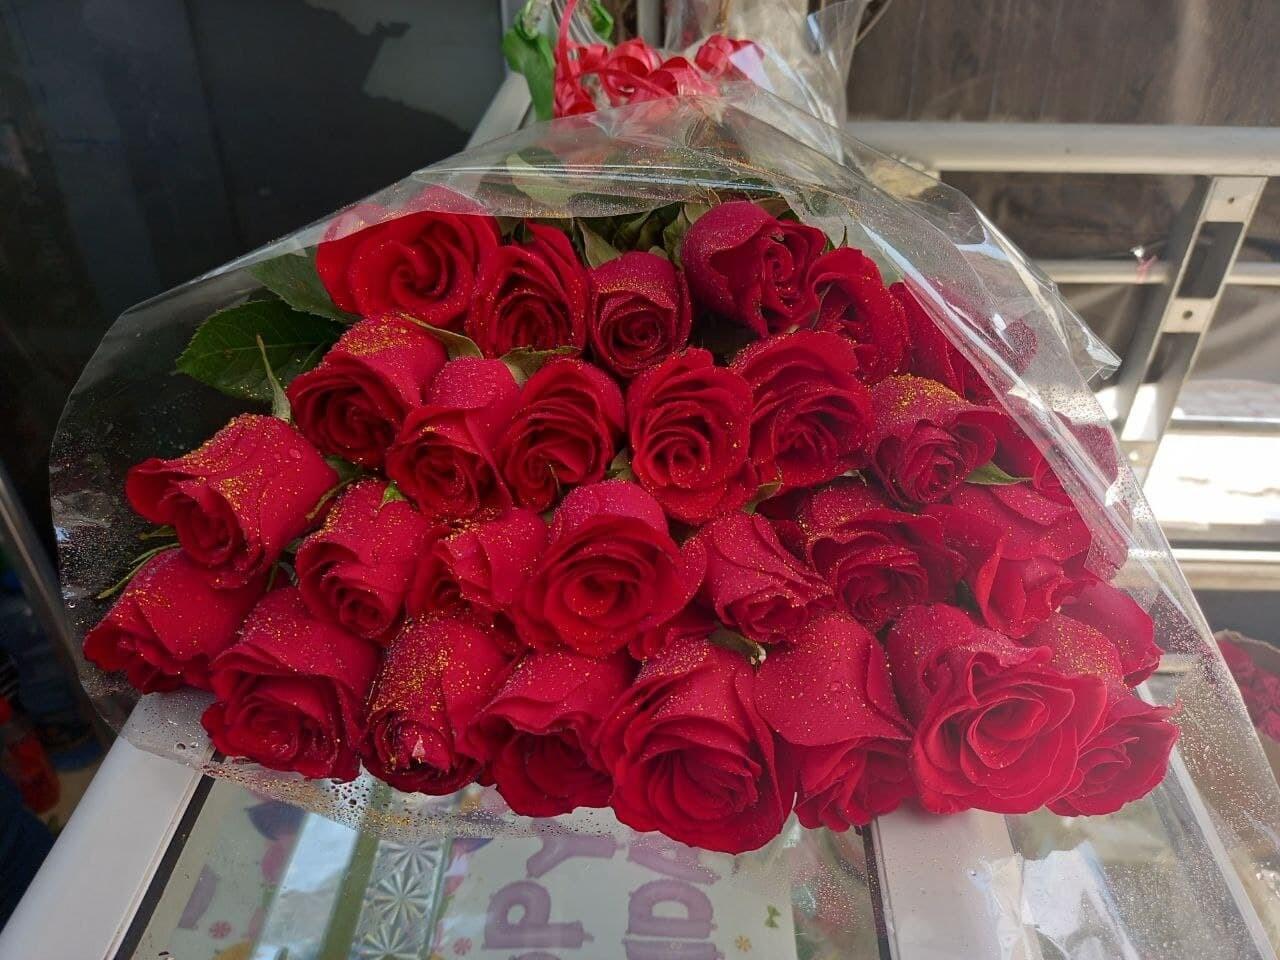 Flower for gift